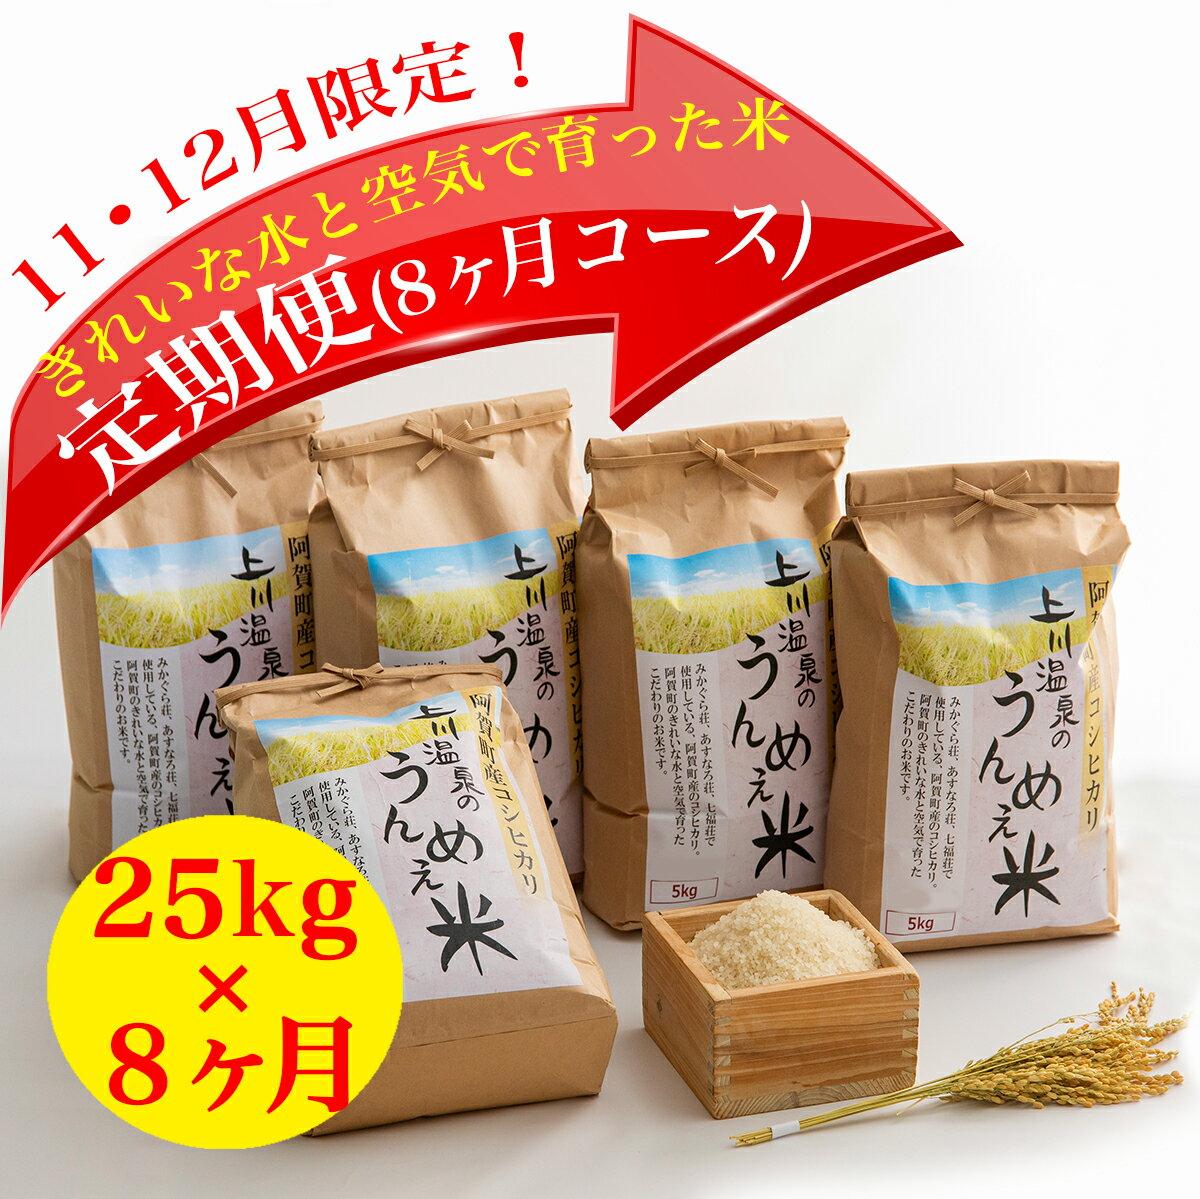 【ふるさと納税】上川温泉のうんめえ米 5kg入り×5袋 定期便8回 【11月12月申込限定品・美味しいお米を毎月お届け】